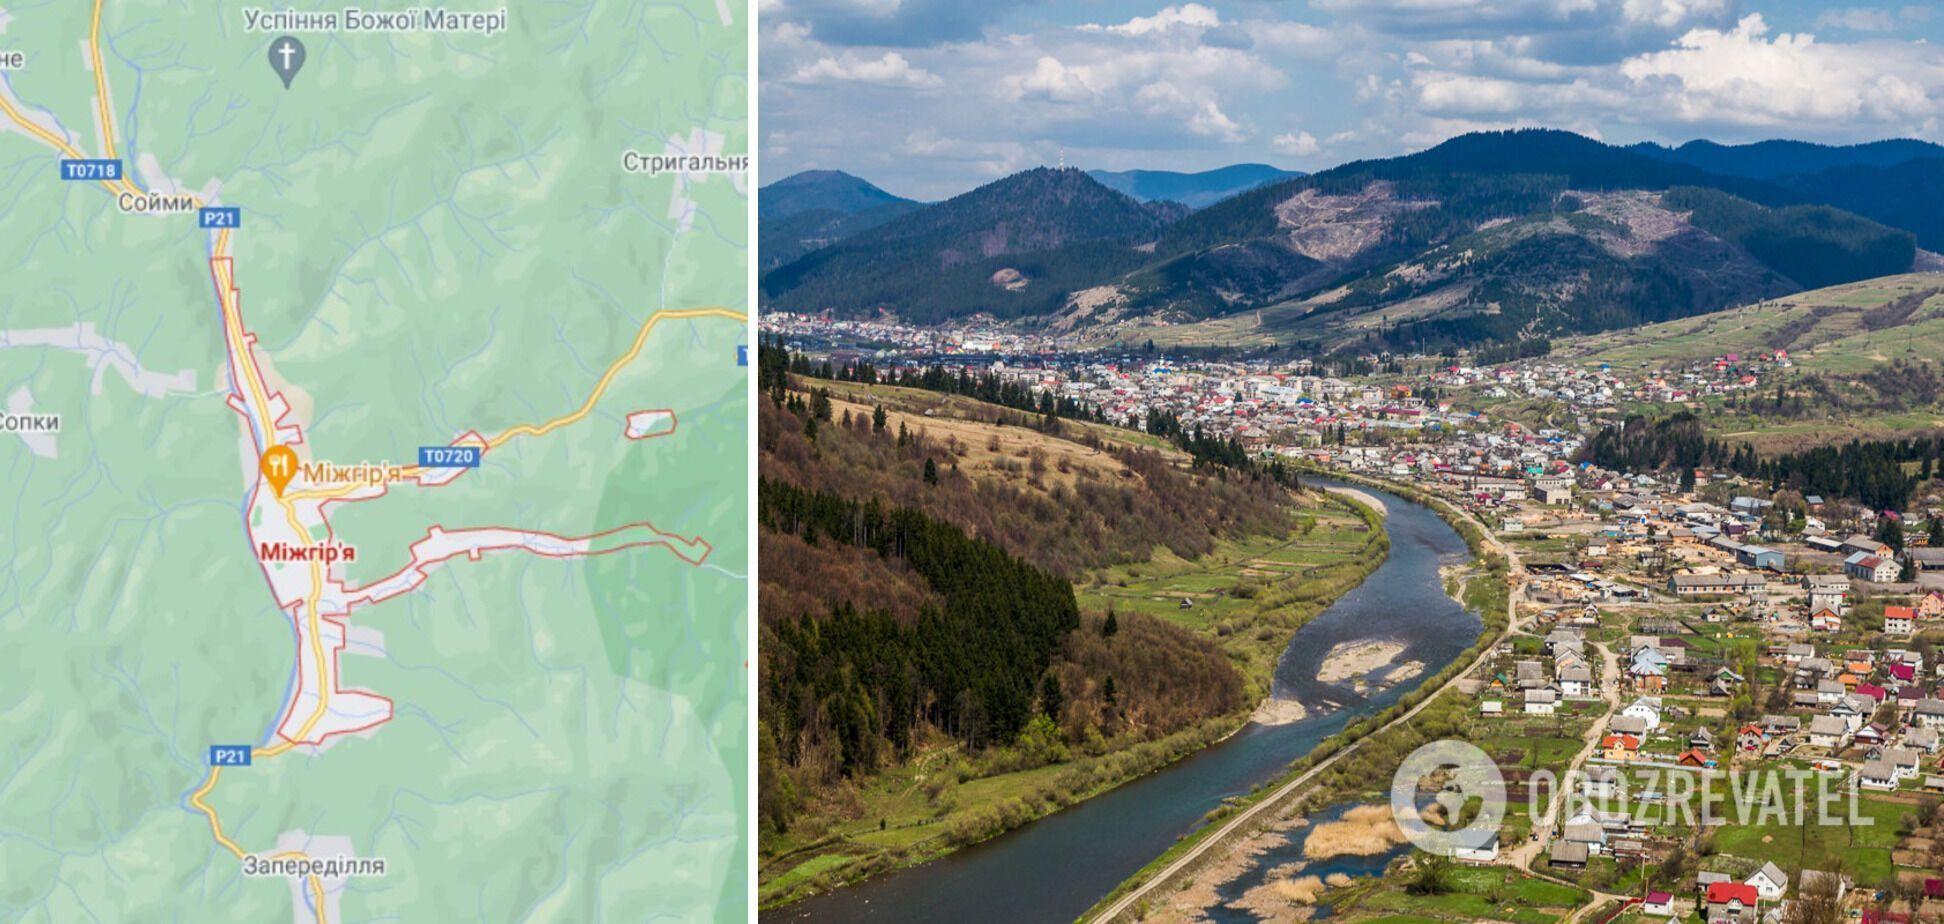 Случай произошел на реке в пгт Межгорье